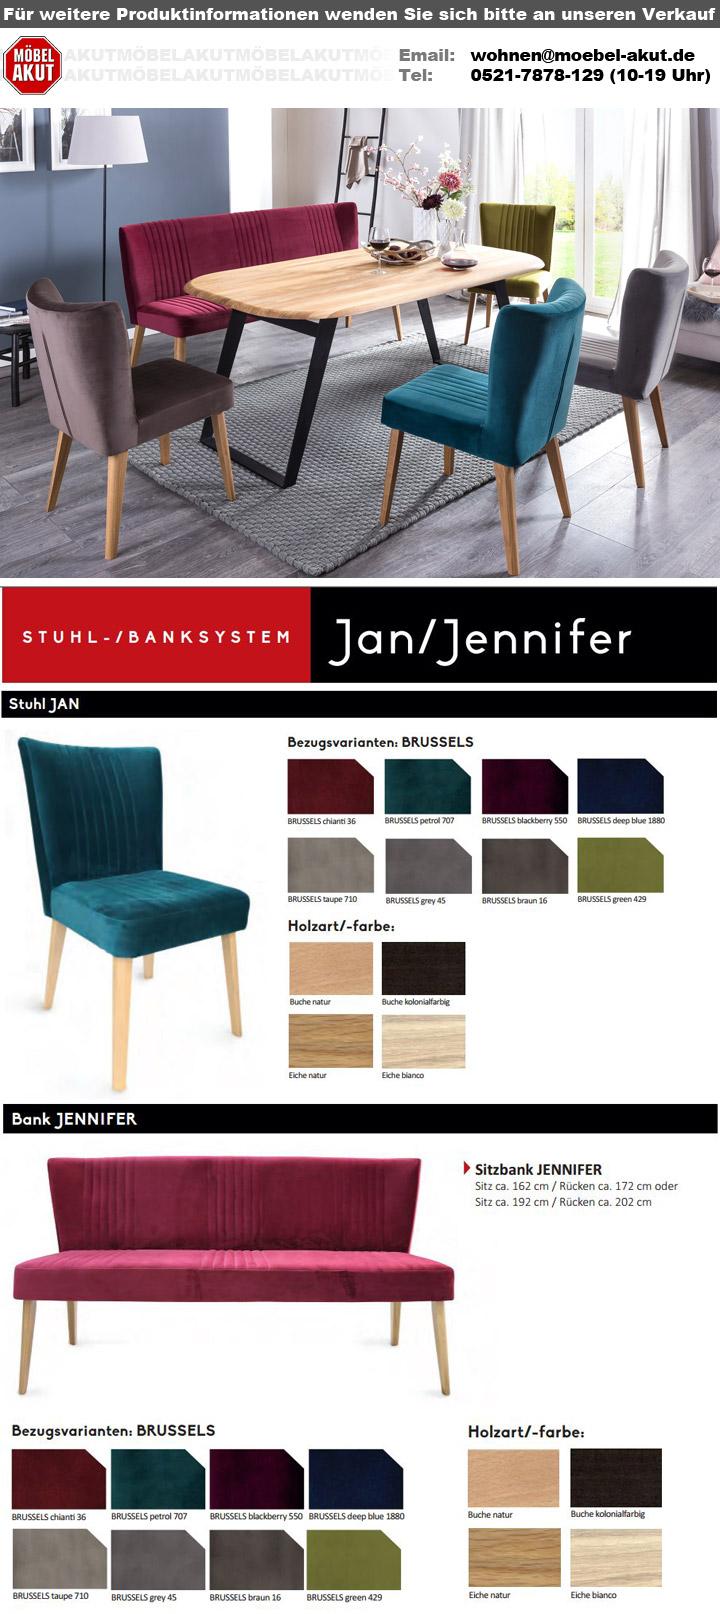 bank jennifer sitzbank in eiche bianco und stoff braun. Black Bedroom Furniture Sets. Home Design Ideas